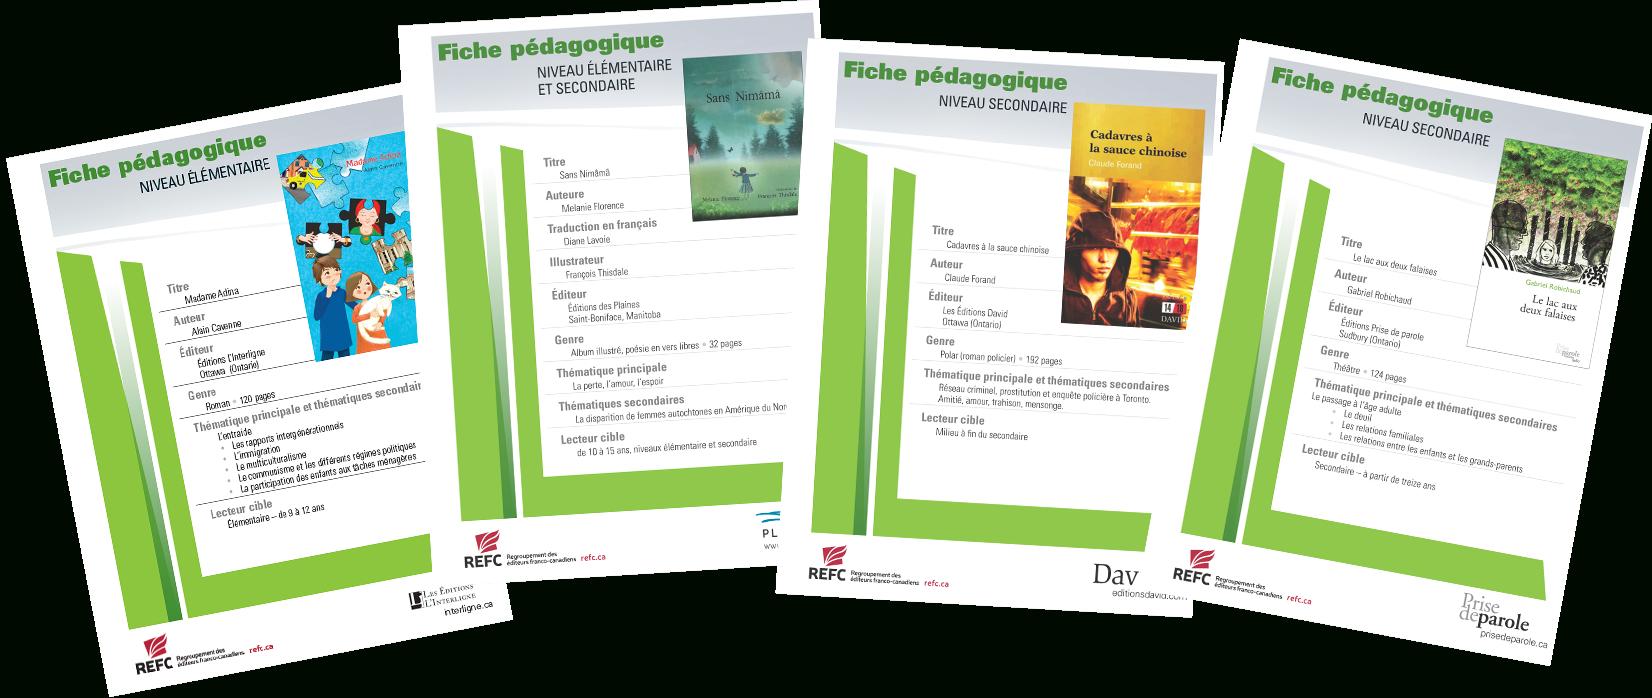 Le Refc Lance Une Collection De Fiches Pédagogiques tout Fiche Pédagogique Les 5 Sens